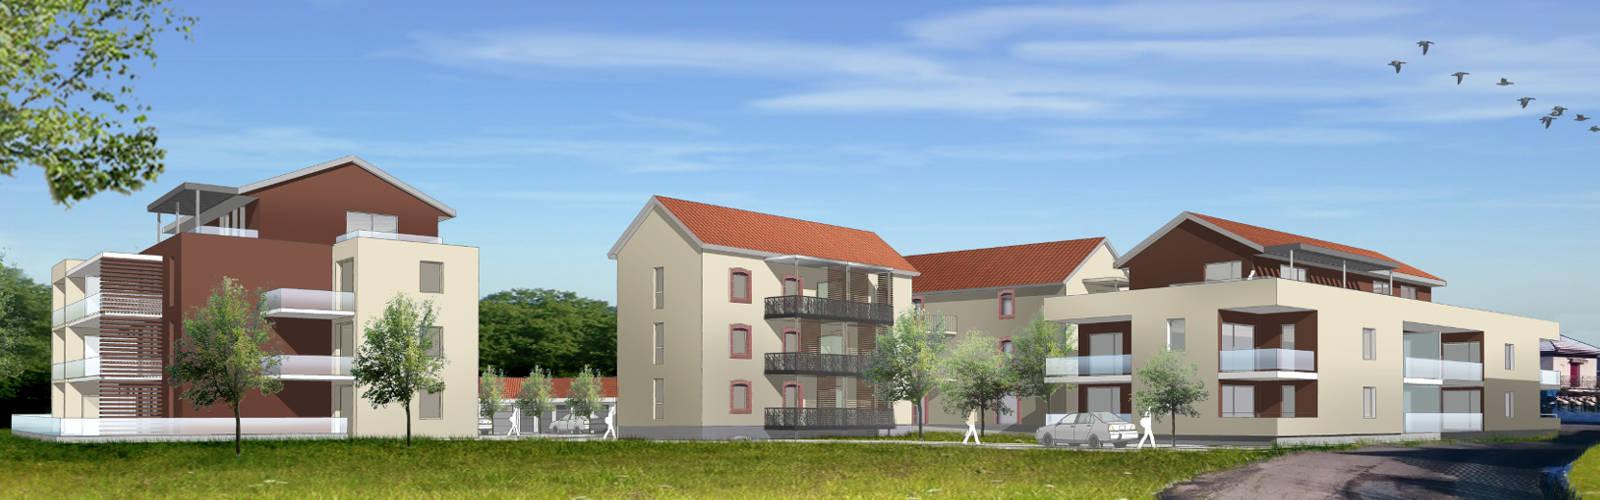 Achat de logement appartement neuf dans le doubs for Achat du neuf